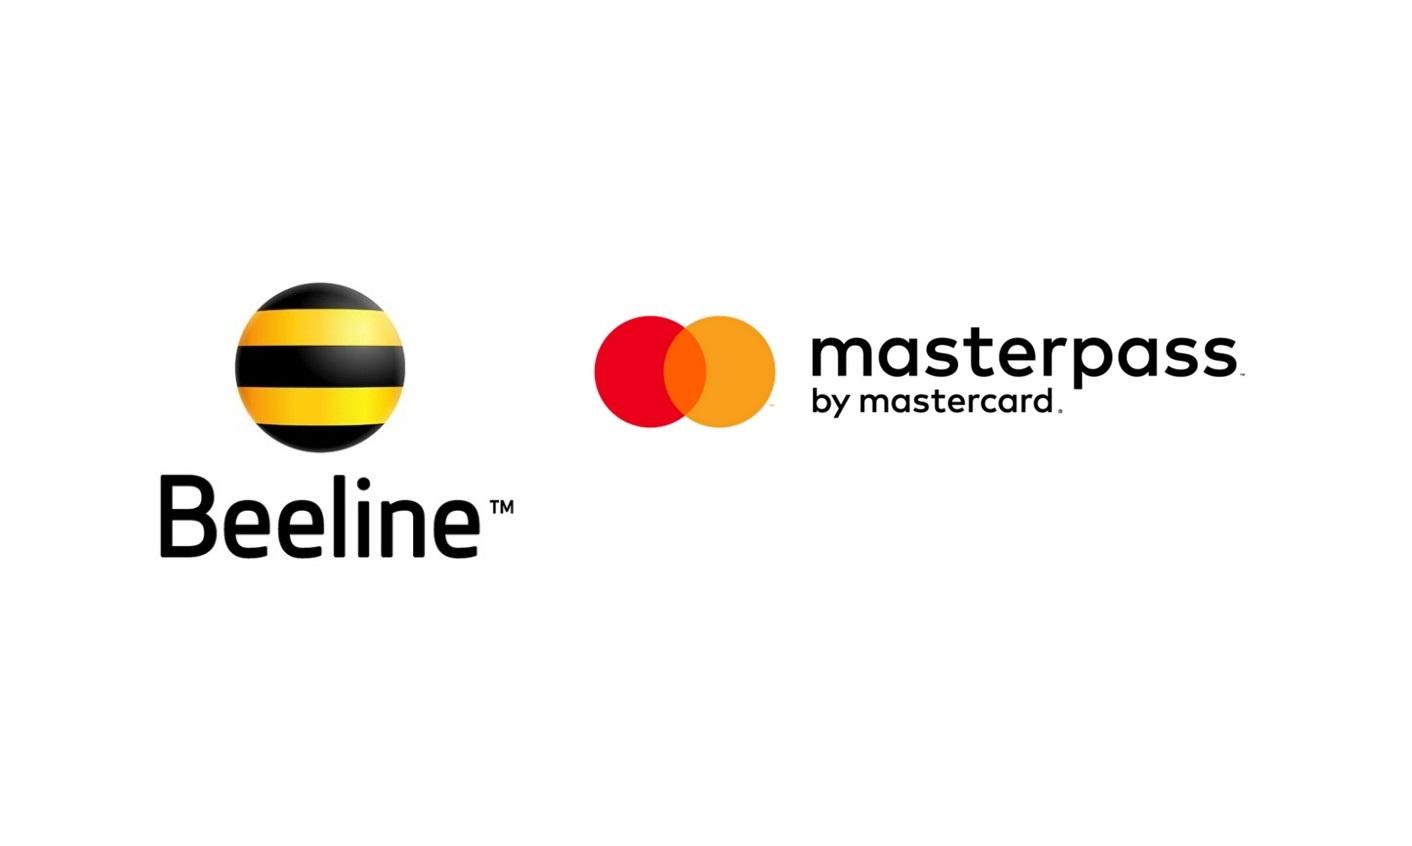 Клиенты Билайн при покупках в интернете могут пользоваться сервисом Masterpass от Mastercard 1